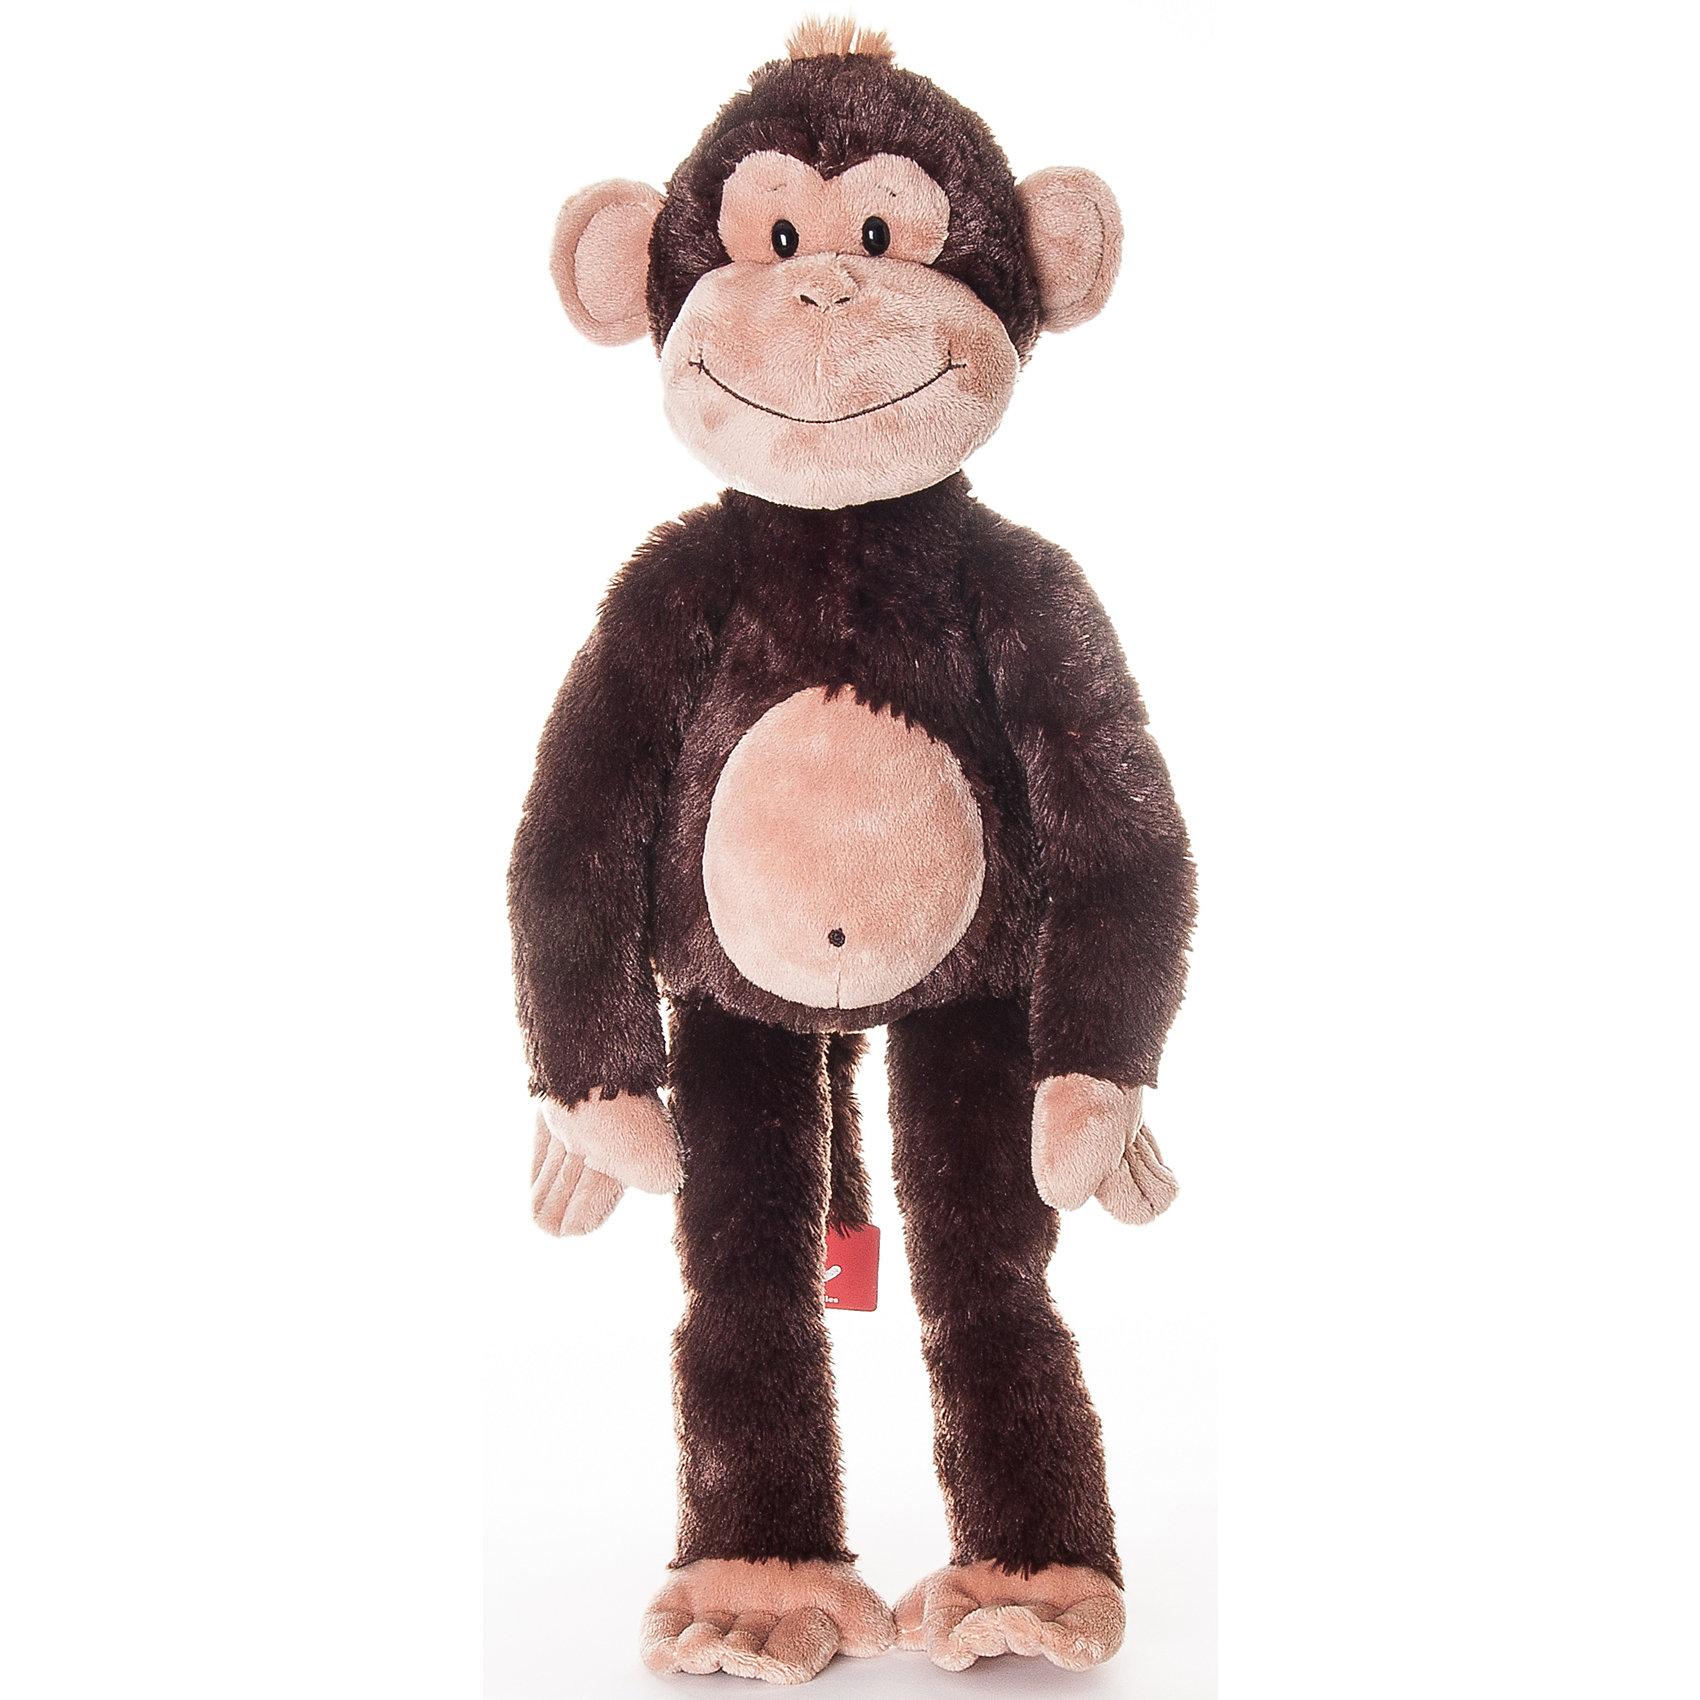 Мягкая игрушка Обезьянка Чарли, 40 см., AURORAОбезьянка Чарли от компании Aurora станет лучшим другом вашего ребёнка.  Она изготовлена из высококачественных гипоаллергенных материалов абсолютно безопасных даже для малышей. Игрушка станет отличным новогодним подарком, ведь 2016 год будет годом «обезьяны».<br><br>Дополнительная информация:<br><br>- Материал: плюш, пластик, синтепон.<br>- Размер: 40 см.<br><br>Мягкую игрушку Обезьянку Чарли, 40 см., AURORA (Аврора) можно купить в нашем магазине.<br><br>Ширина мм: 150<br>Глубина мм: 410<br>Высота мм: 120<br>Вес г: 215<br>Возраст от месяцев: 36<br>Возраст до месяцев: 192<br>Пол: Унисекс<br>Возраст: Детский<br>SKU: 4251463